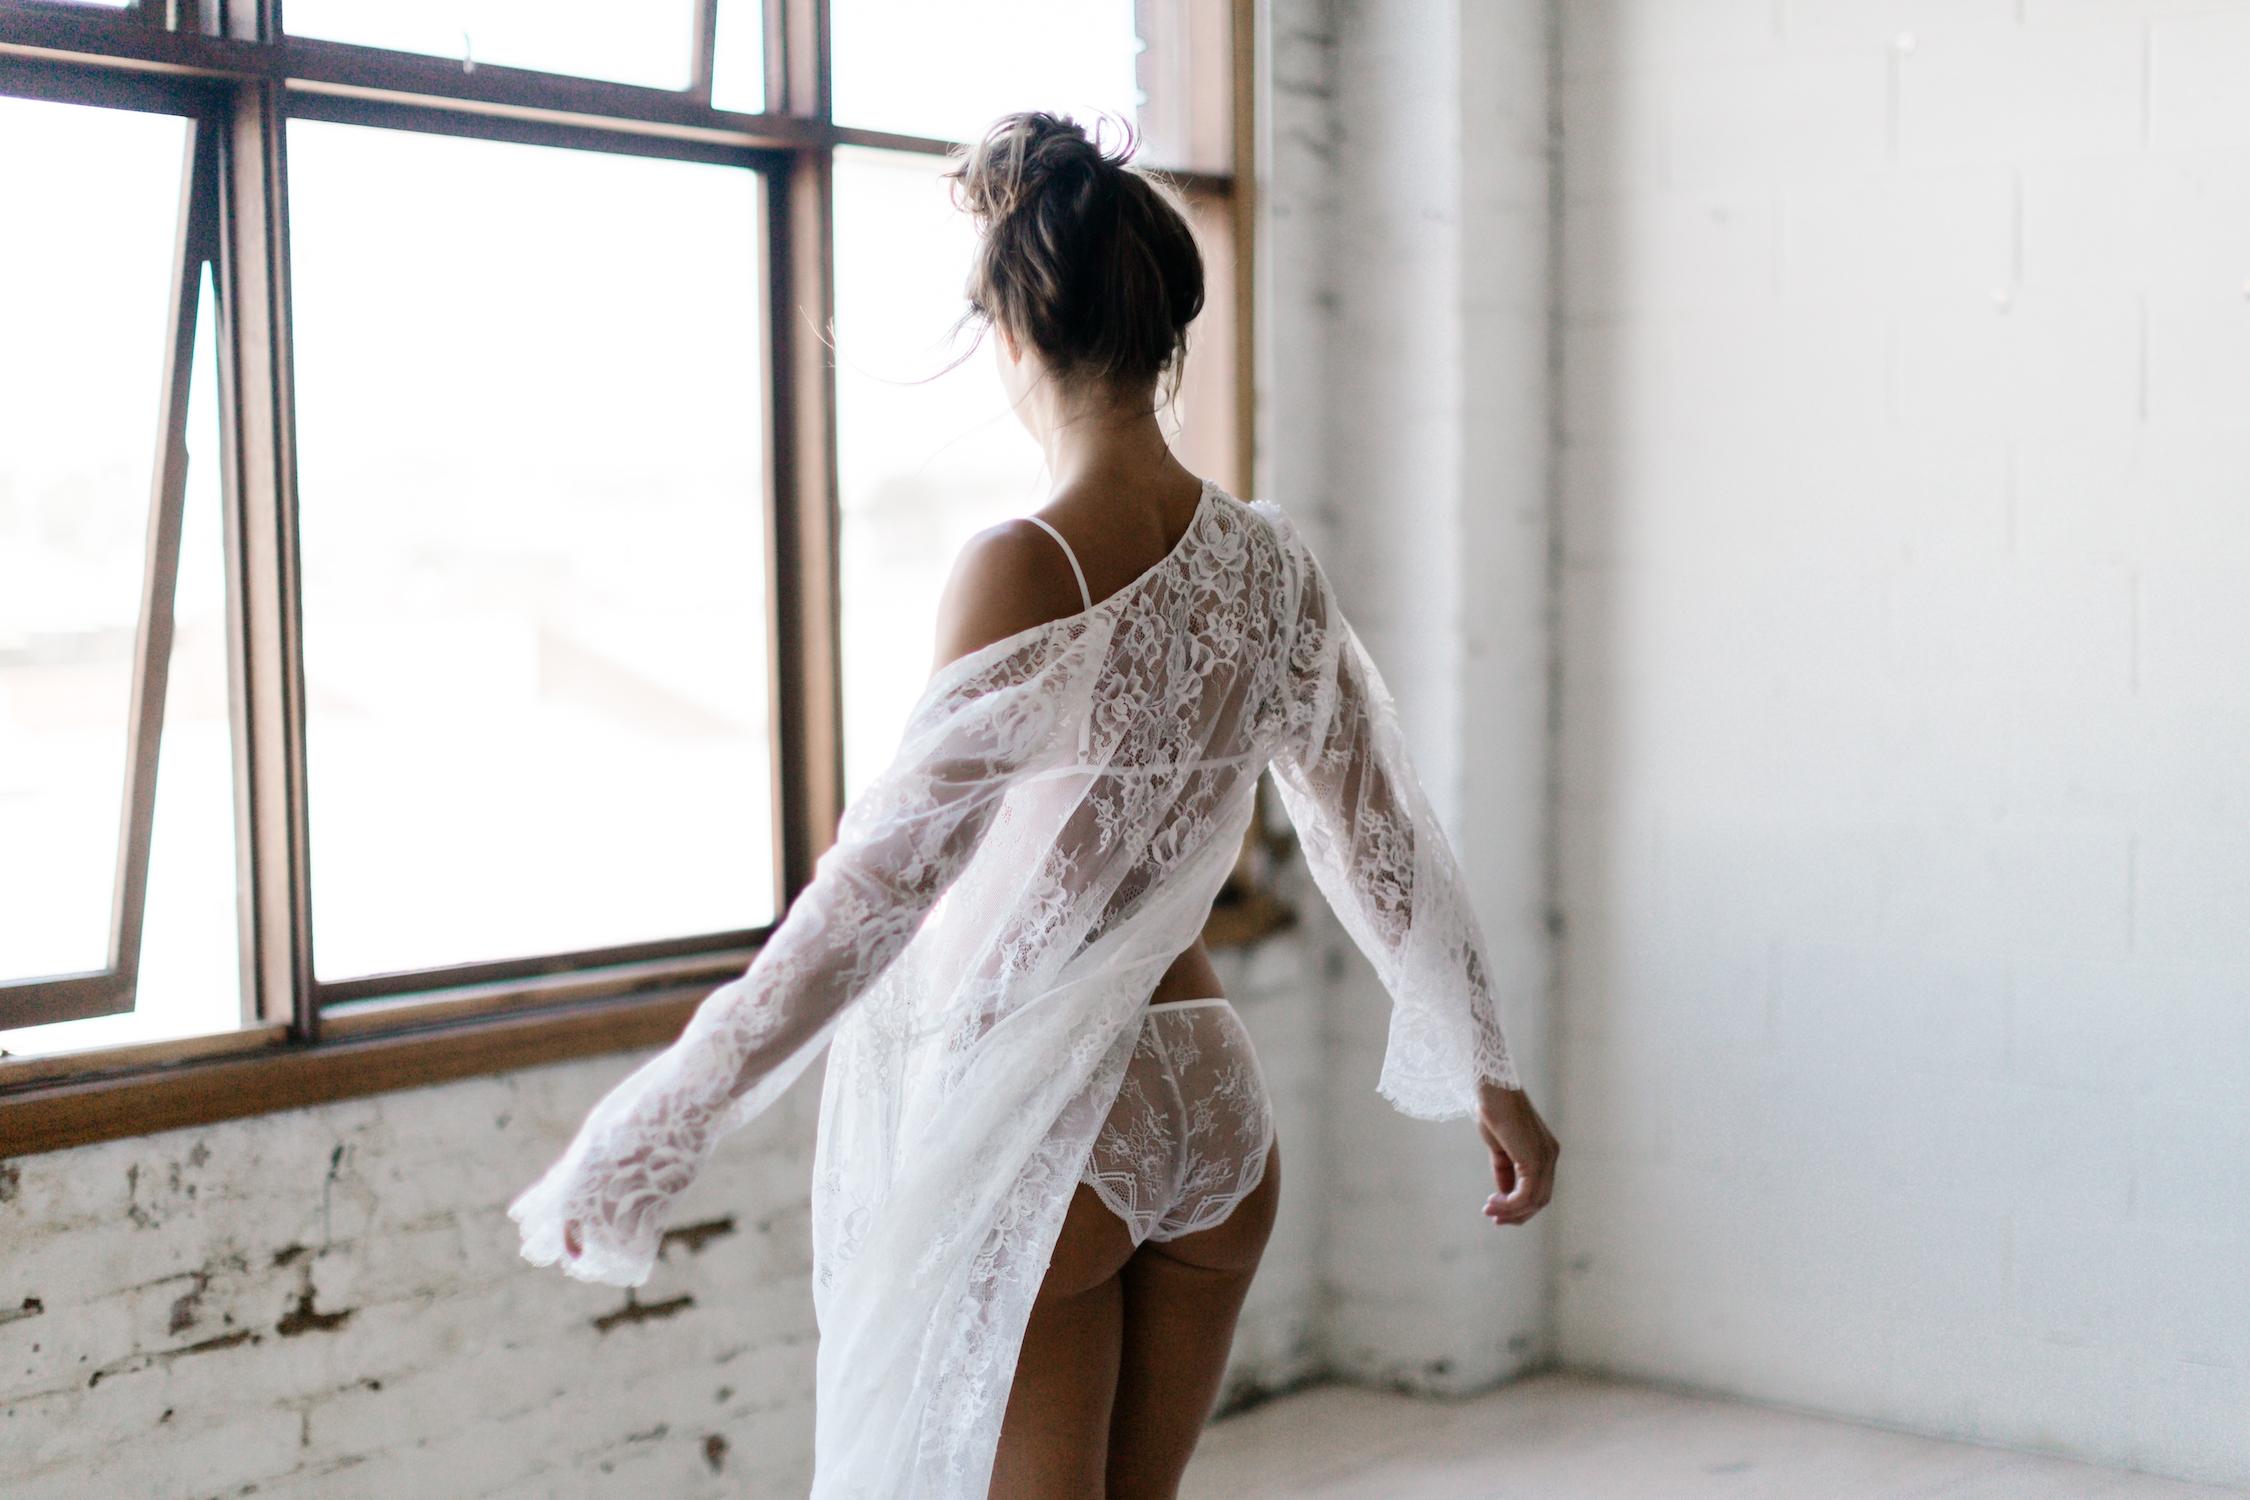 Brautunterwäsche- was drunter tragen? (Foto: Mae's Sunday/ Le Hai Linh)